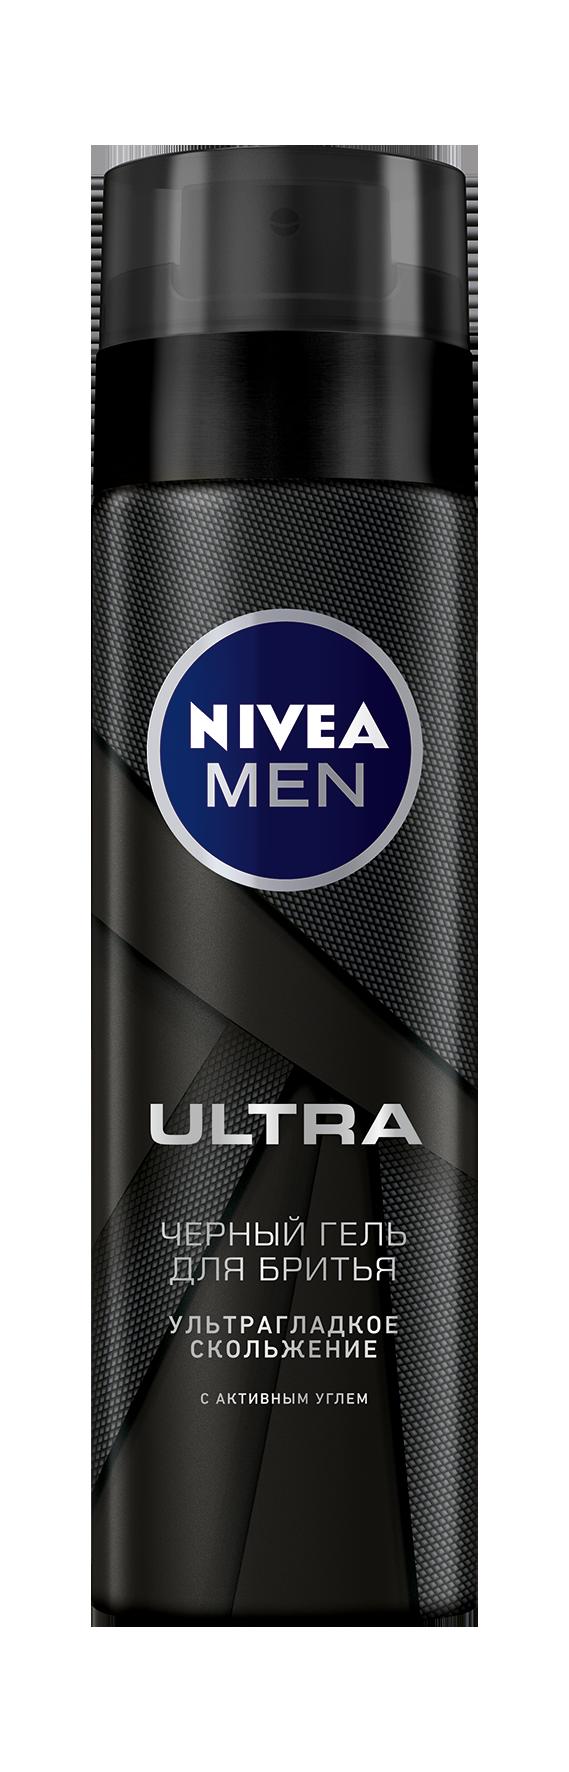 Гель для бритья Nivea Ultra Черный С Активным